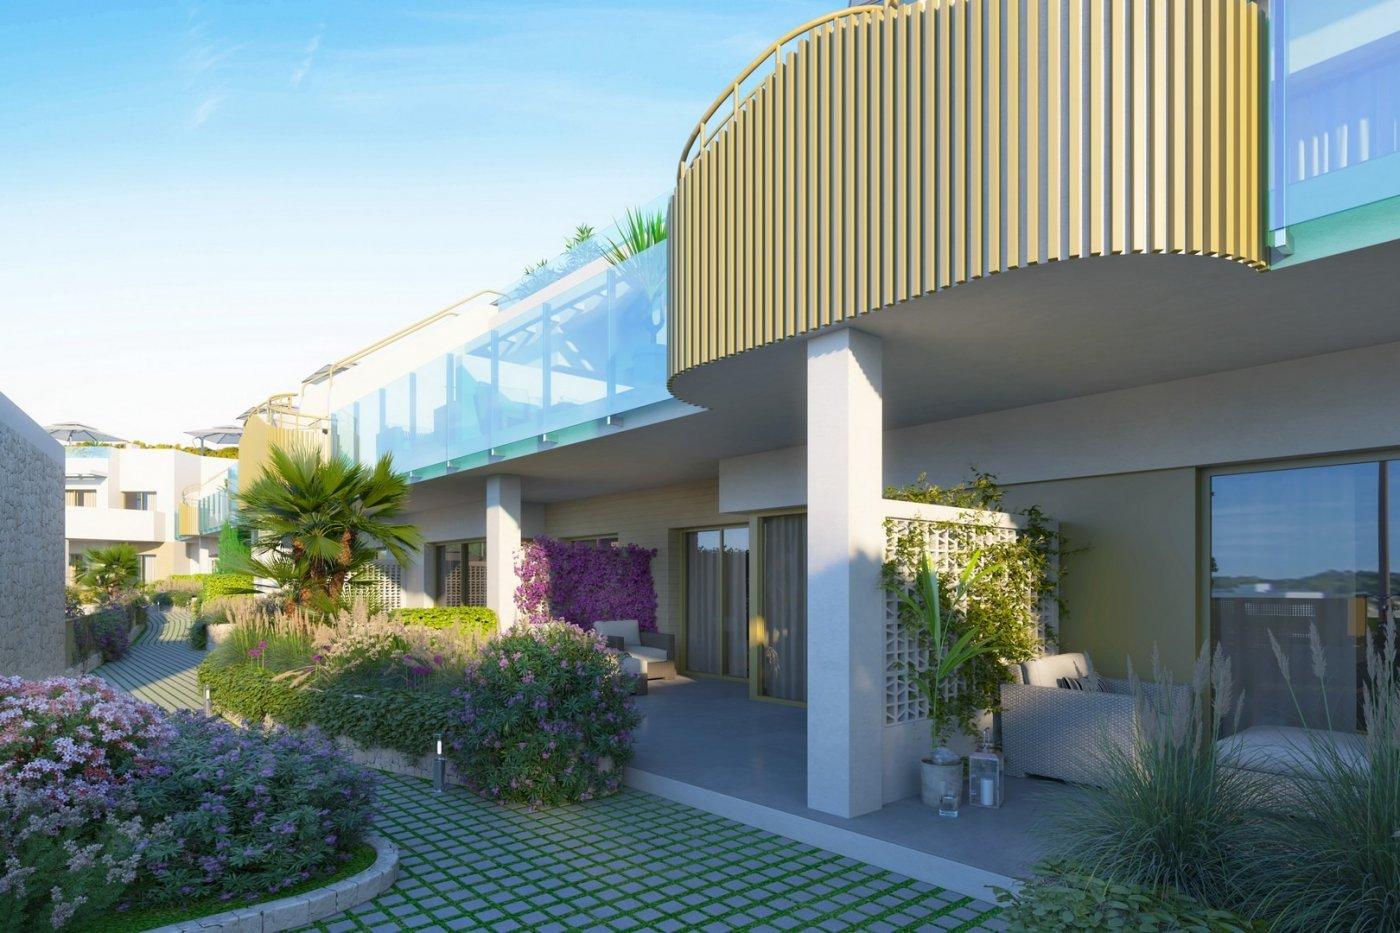 Nuevo residencial en pilar de la horadada!!! - imagenInmueble2